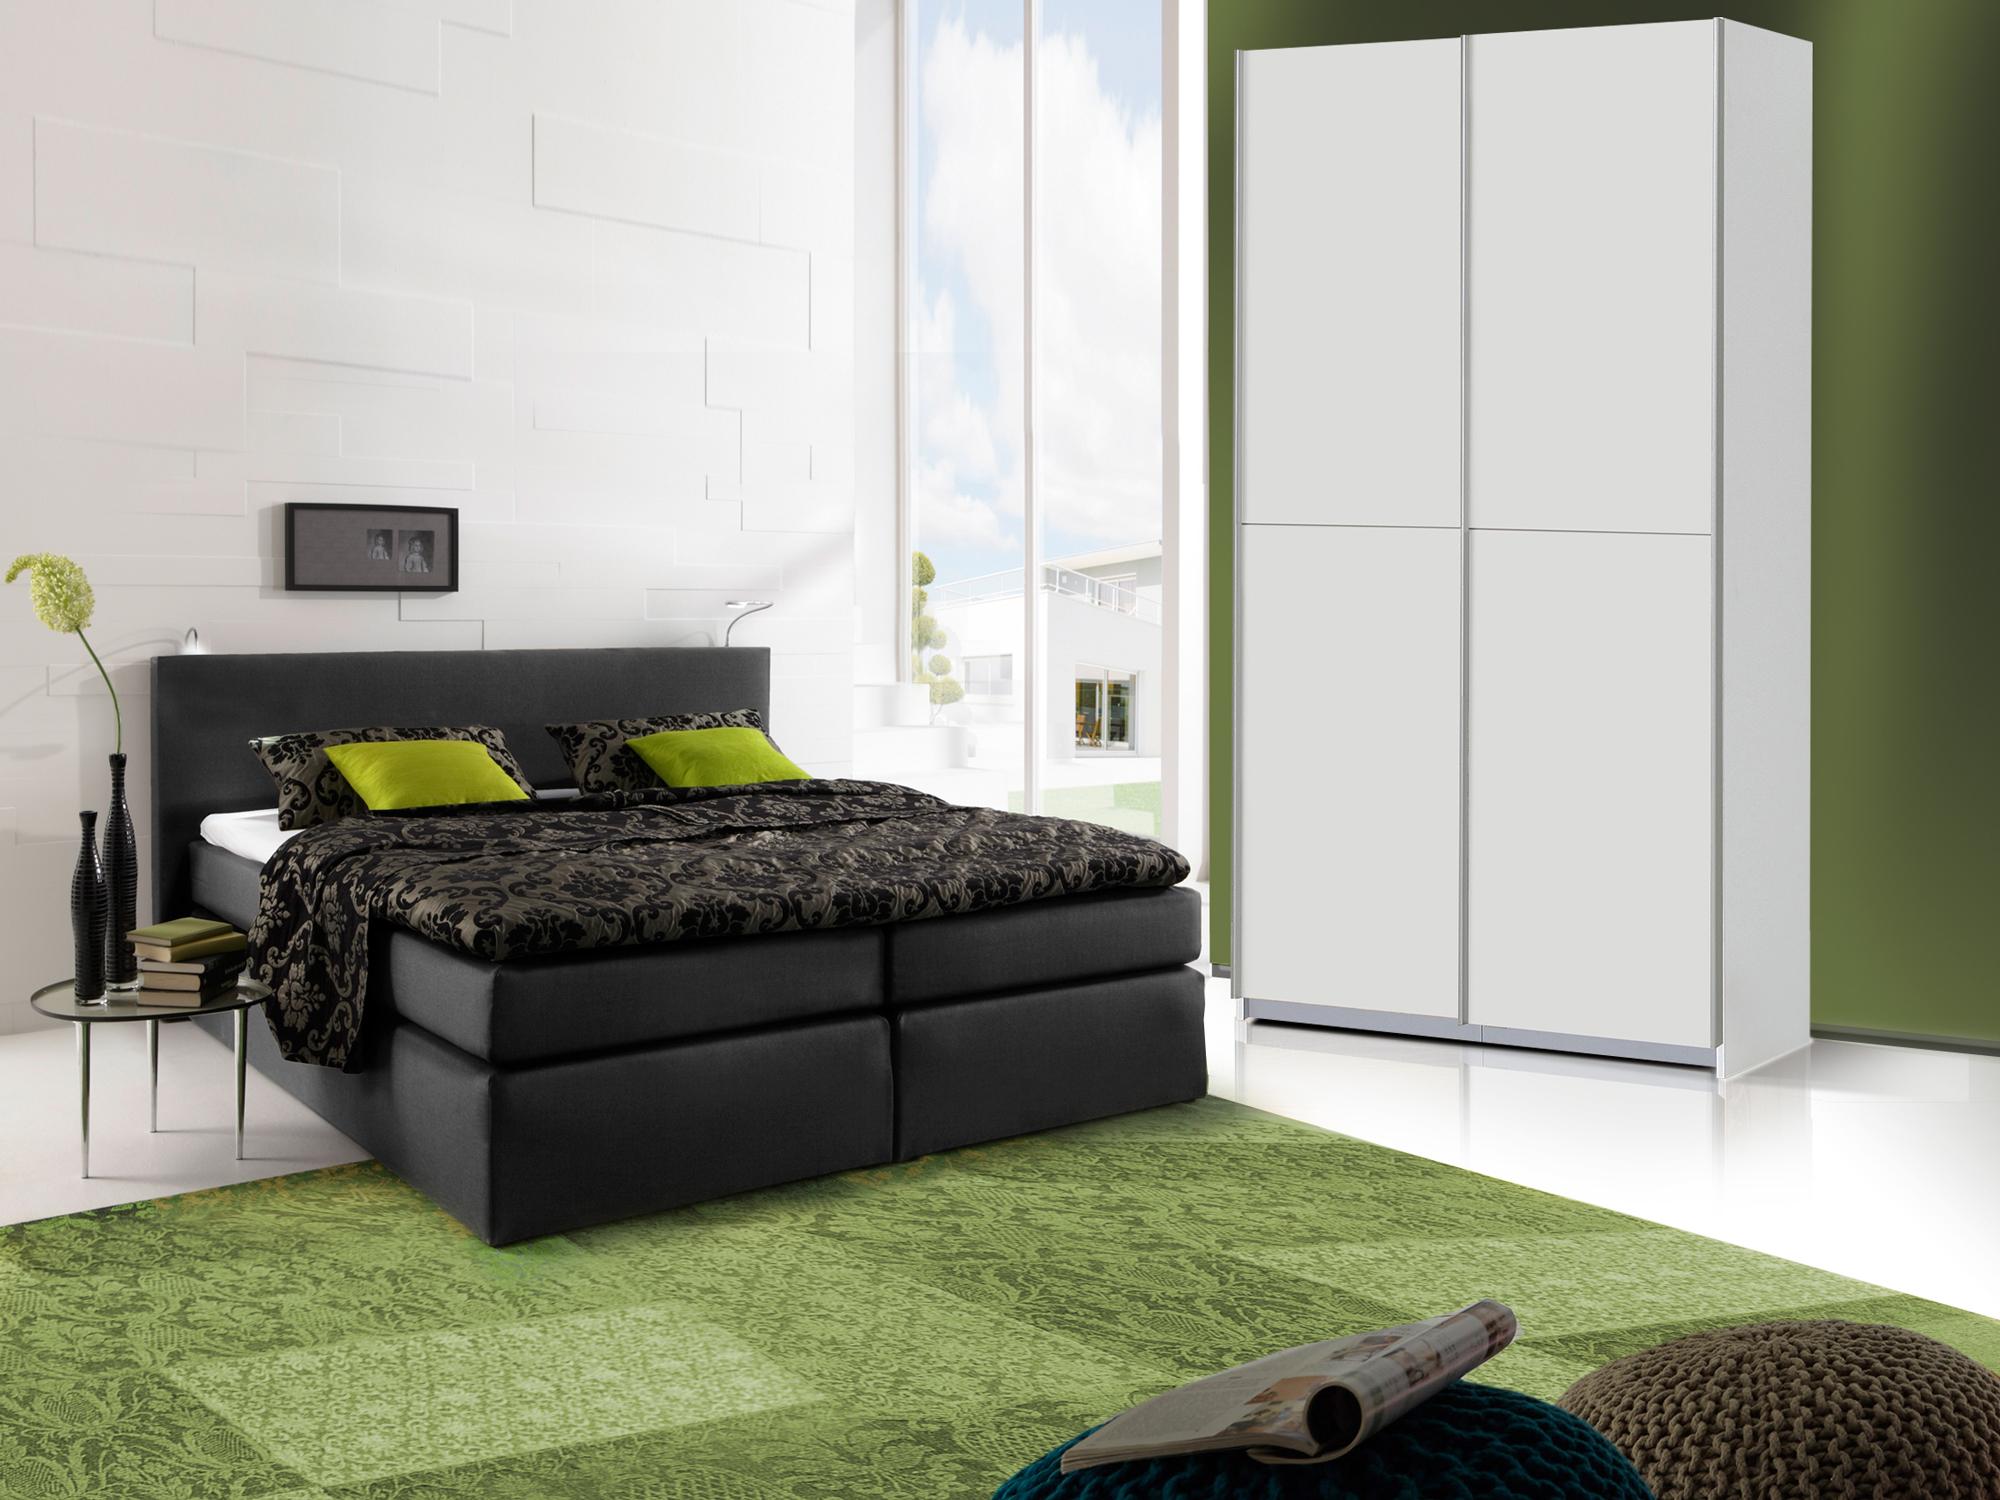 oreno schlafzimmerset schrank und boxspringbett schwarz 140x200 cm weiss. Black Bedroom Furniture Sets. Home Design Ideas